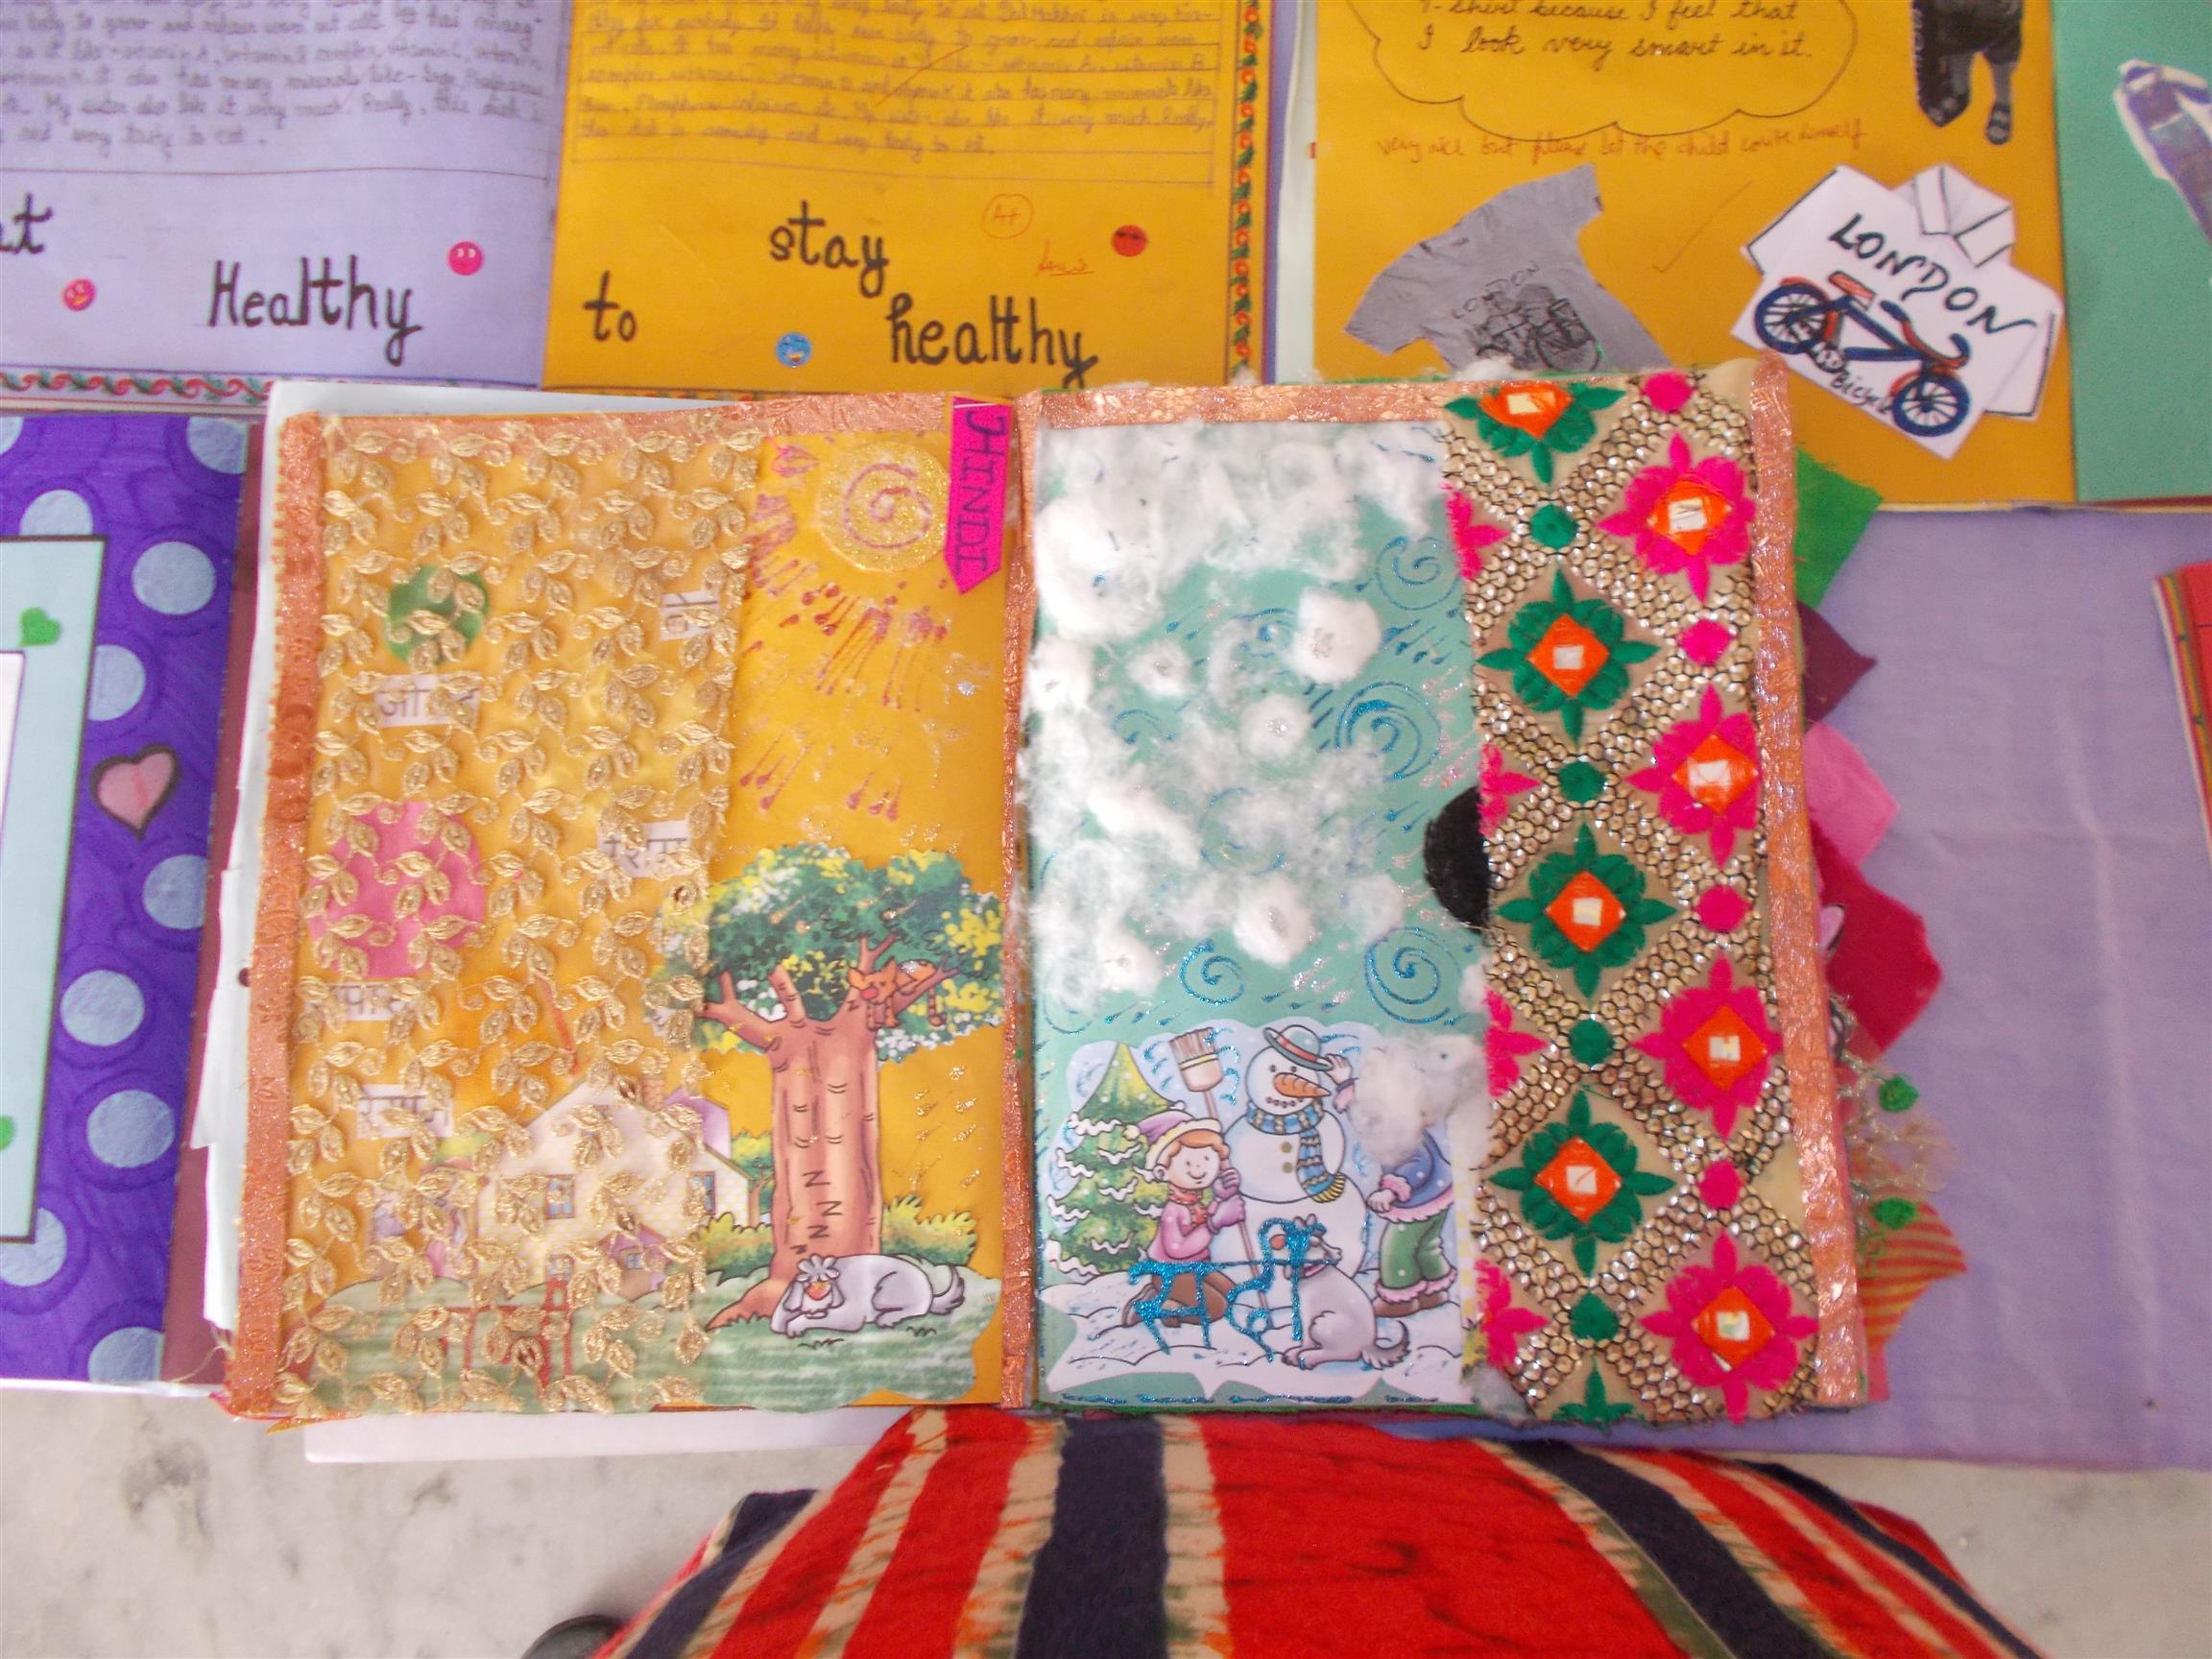 Swachhata School Exhibition Day | AKSIPS 45 Chandigarh